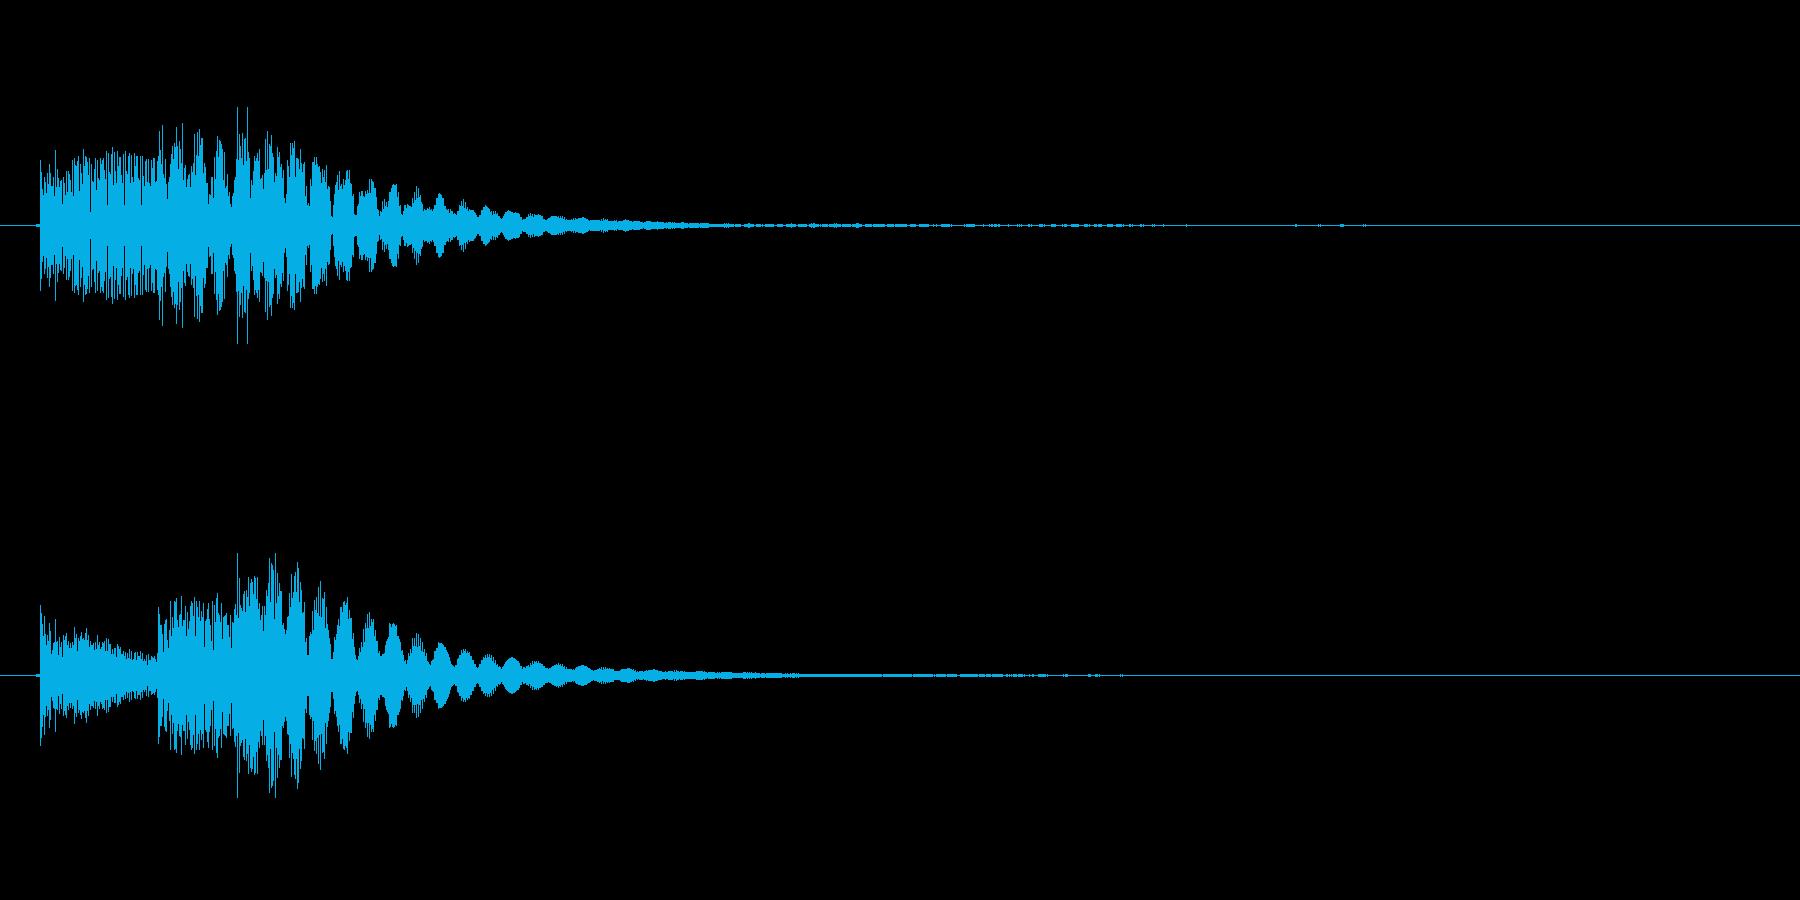 決定ボタンクリック時などの決定音。の再生済みの波形